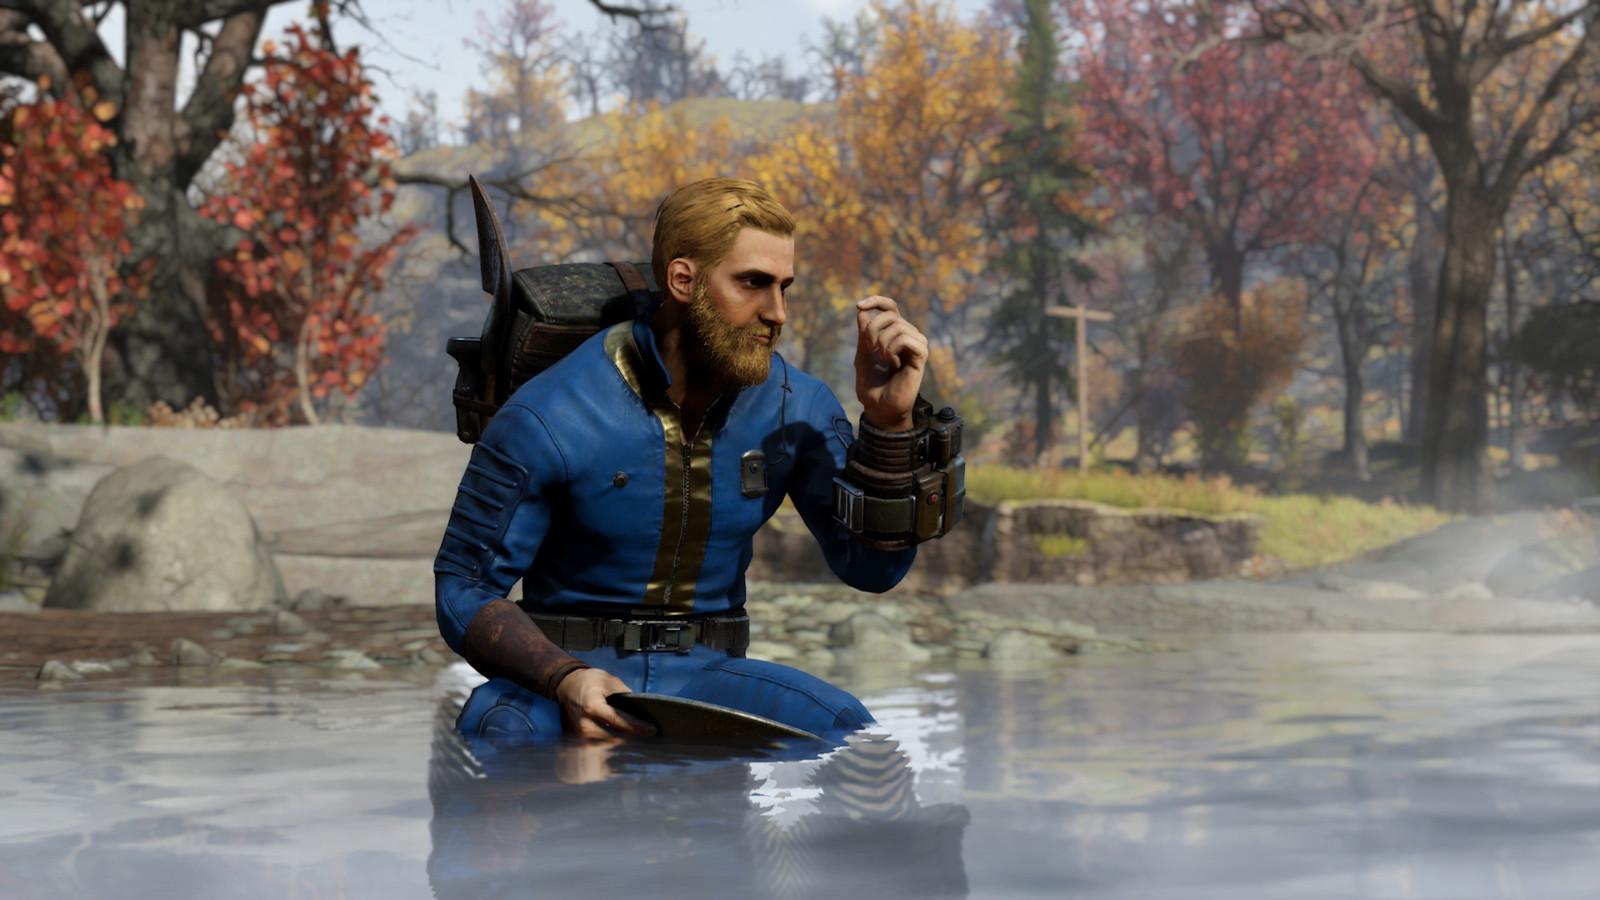 Beeld uit 'Wastelanders', de nieuwe uitbreiding van 'Fallout 76'.